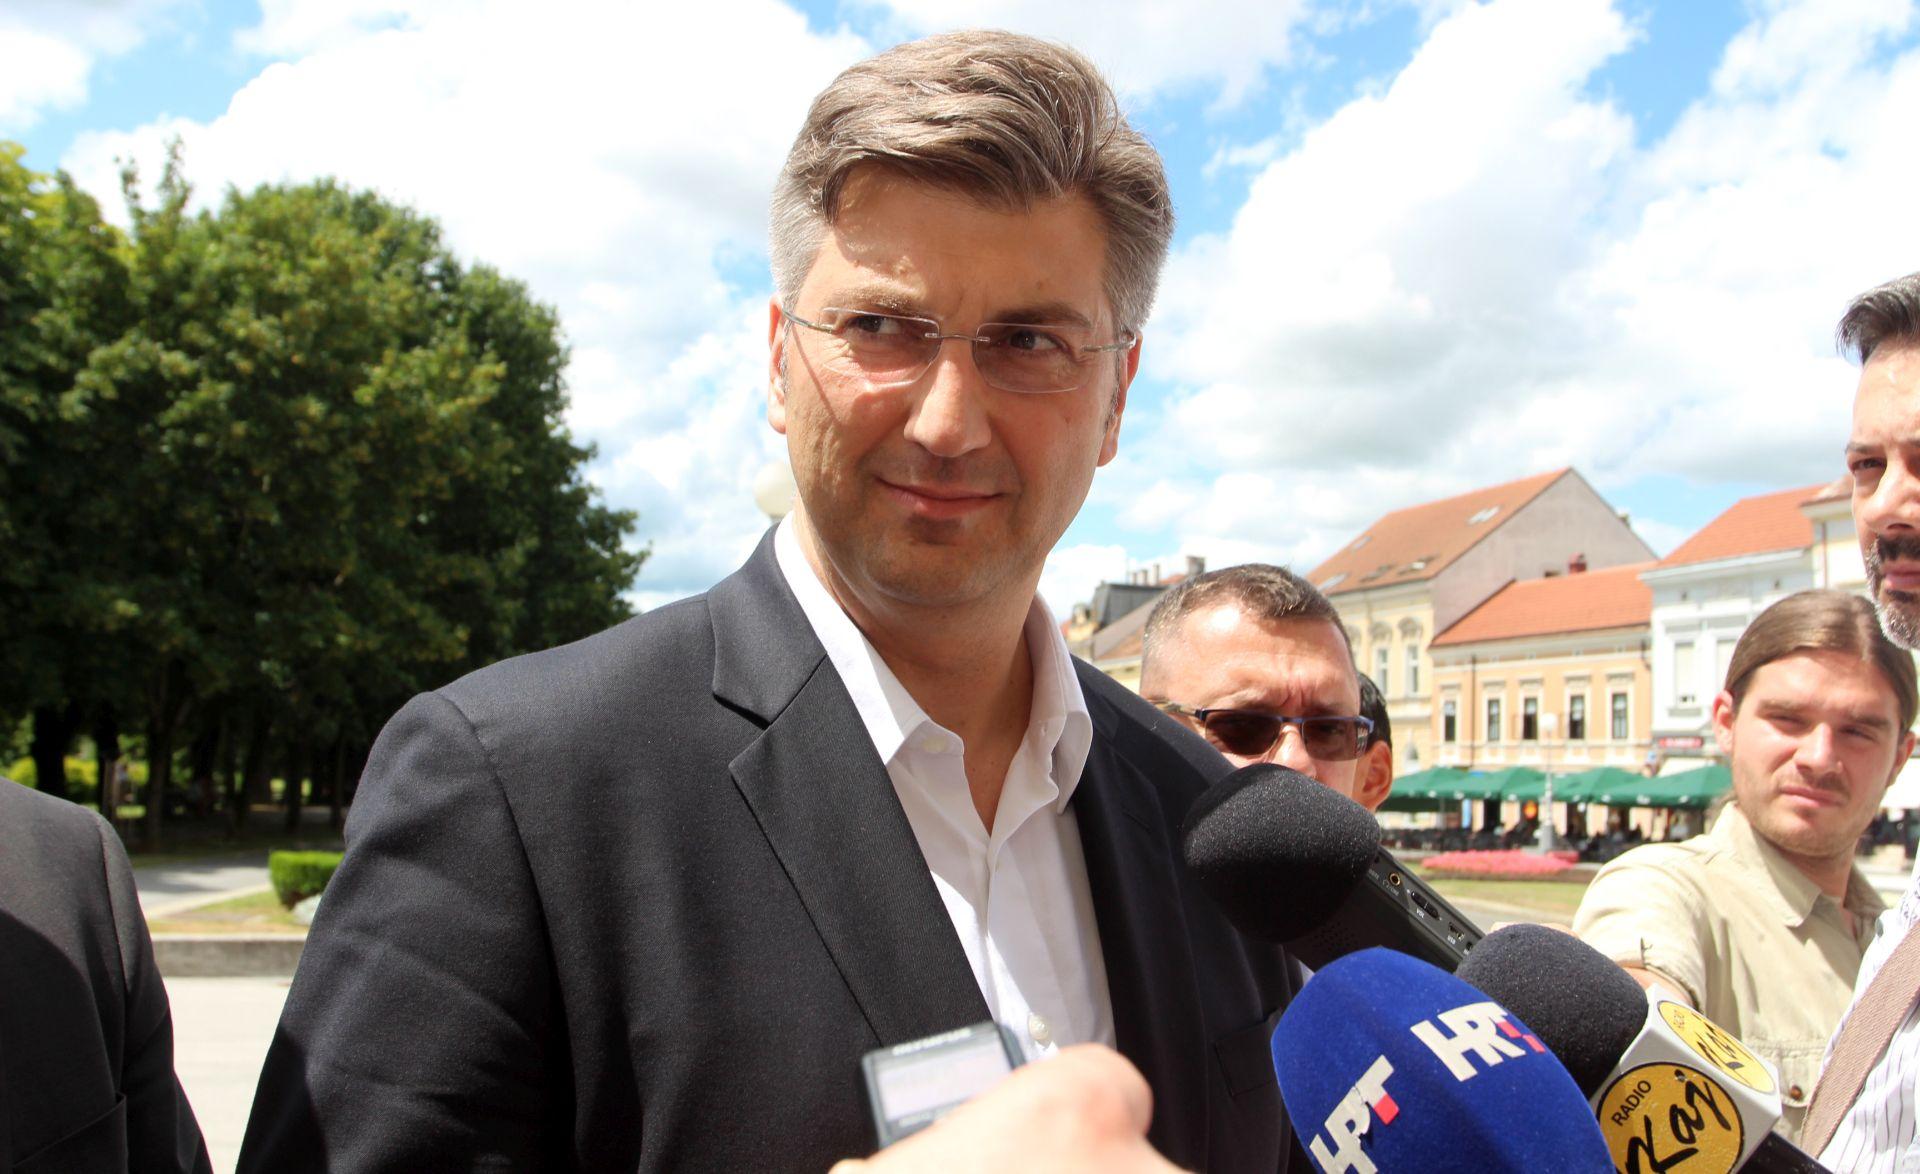 Plenković smatra kako je glavna zadaća europskih čelnika vraćanje povjerenja u europski projekt